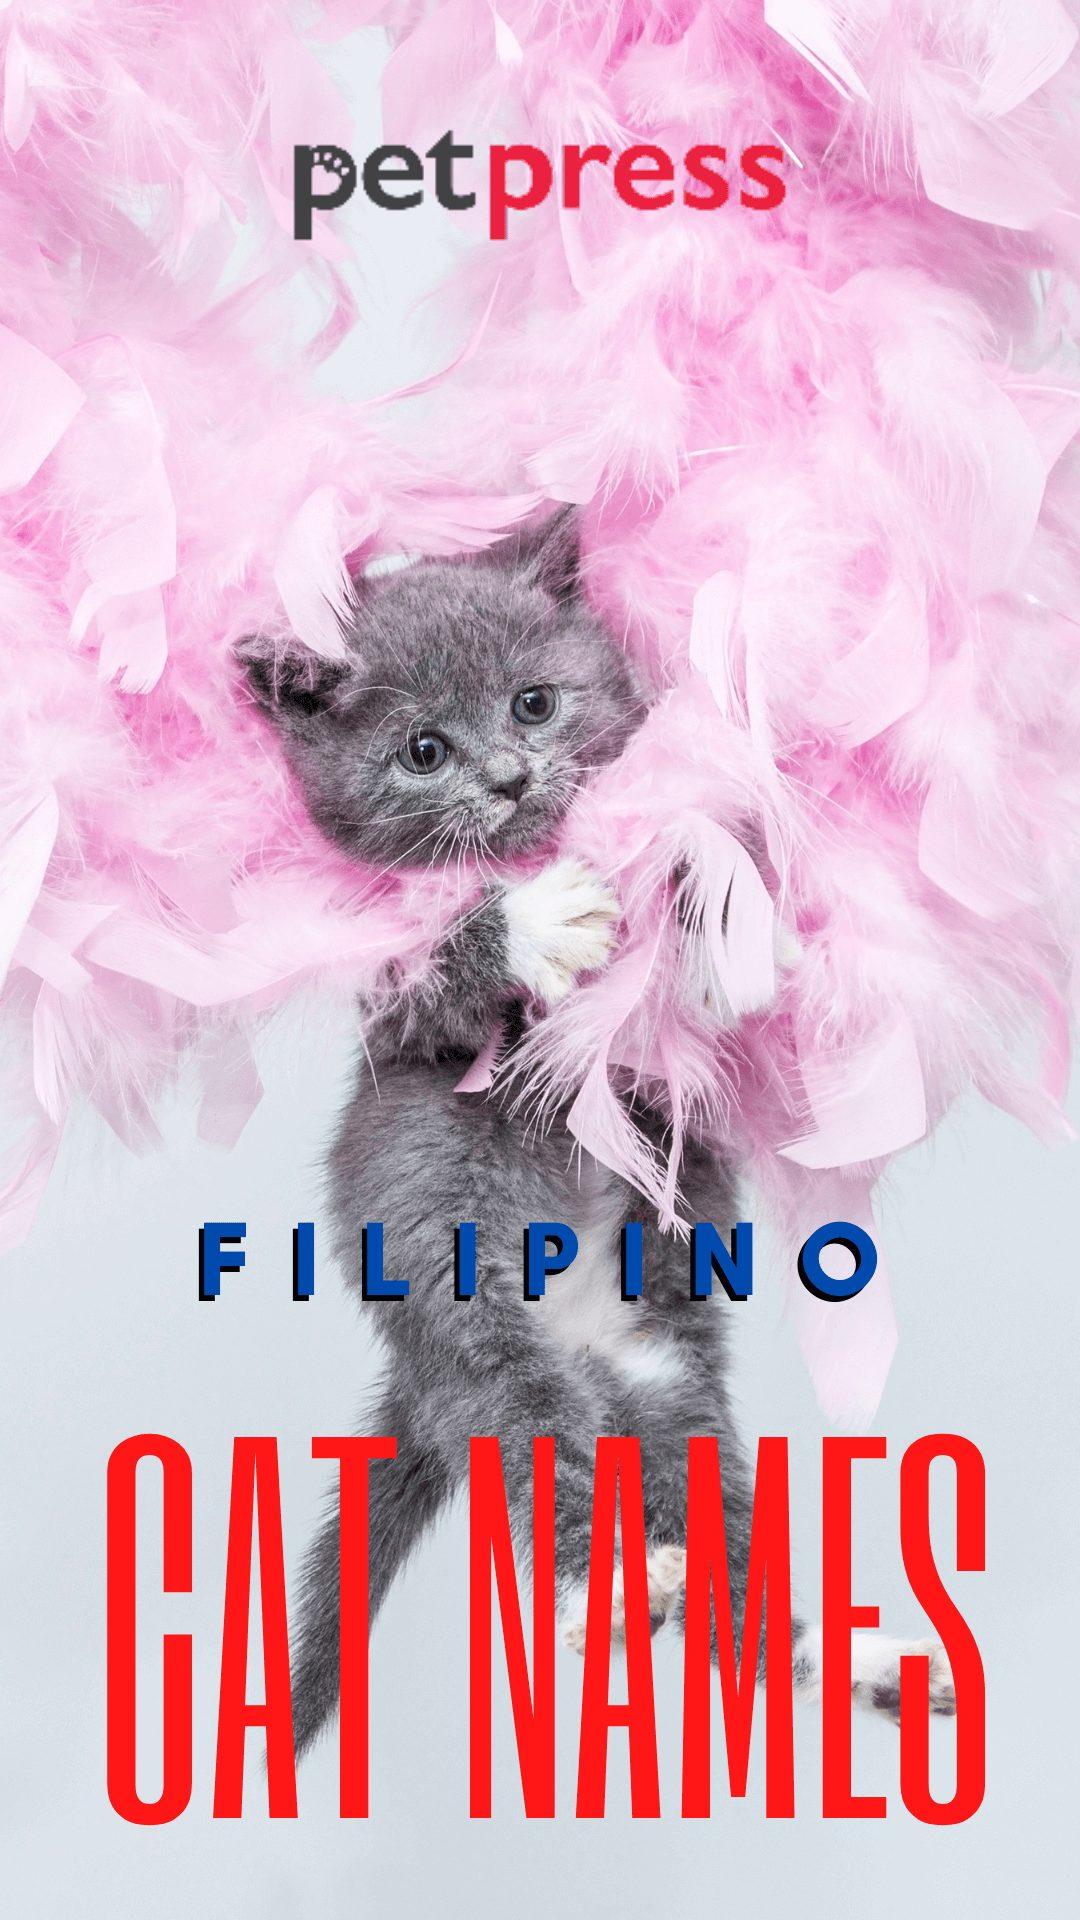 filipino-cat-names